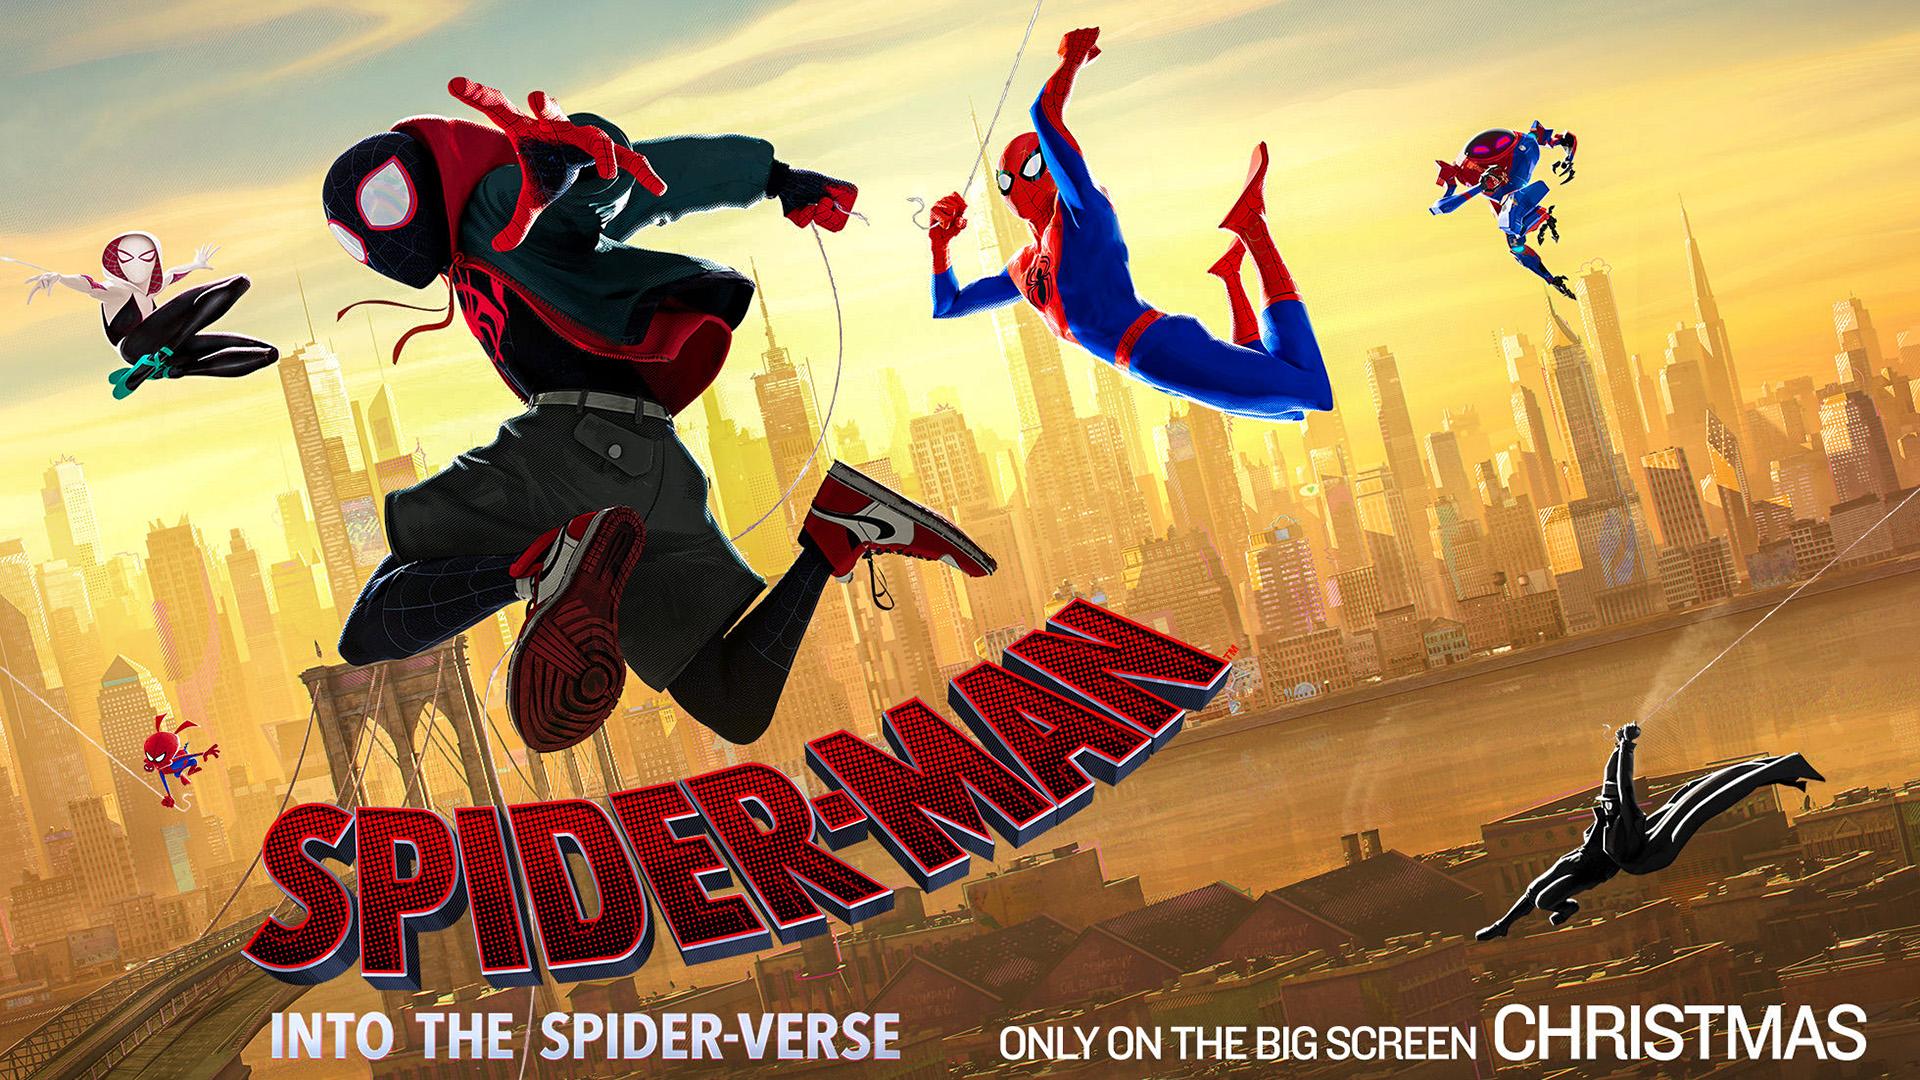 spider-verse.jpg